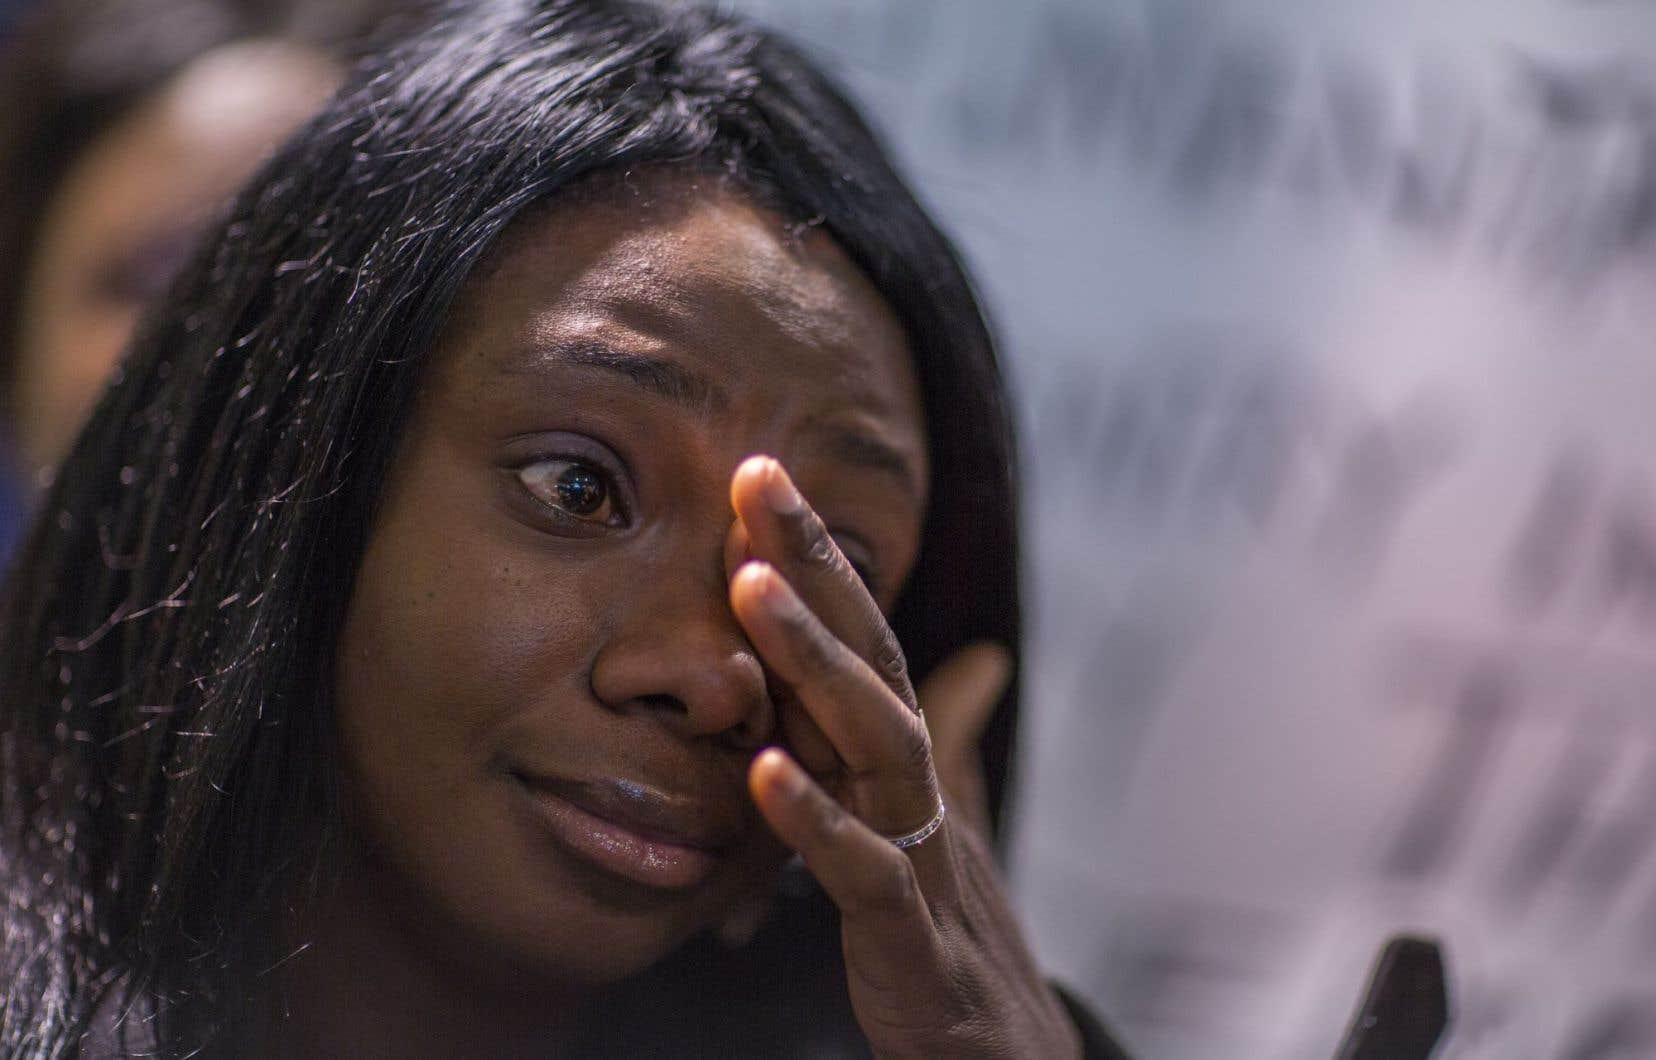 La Nigériane Winifred Agimelen, au Canada depuis 2008, a fait auparavant deux demandes de statut de réfugiée, toutes deux refusées.